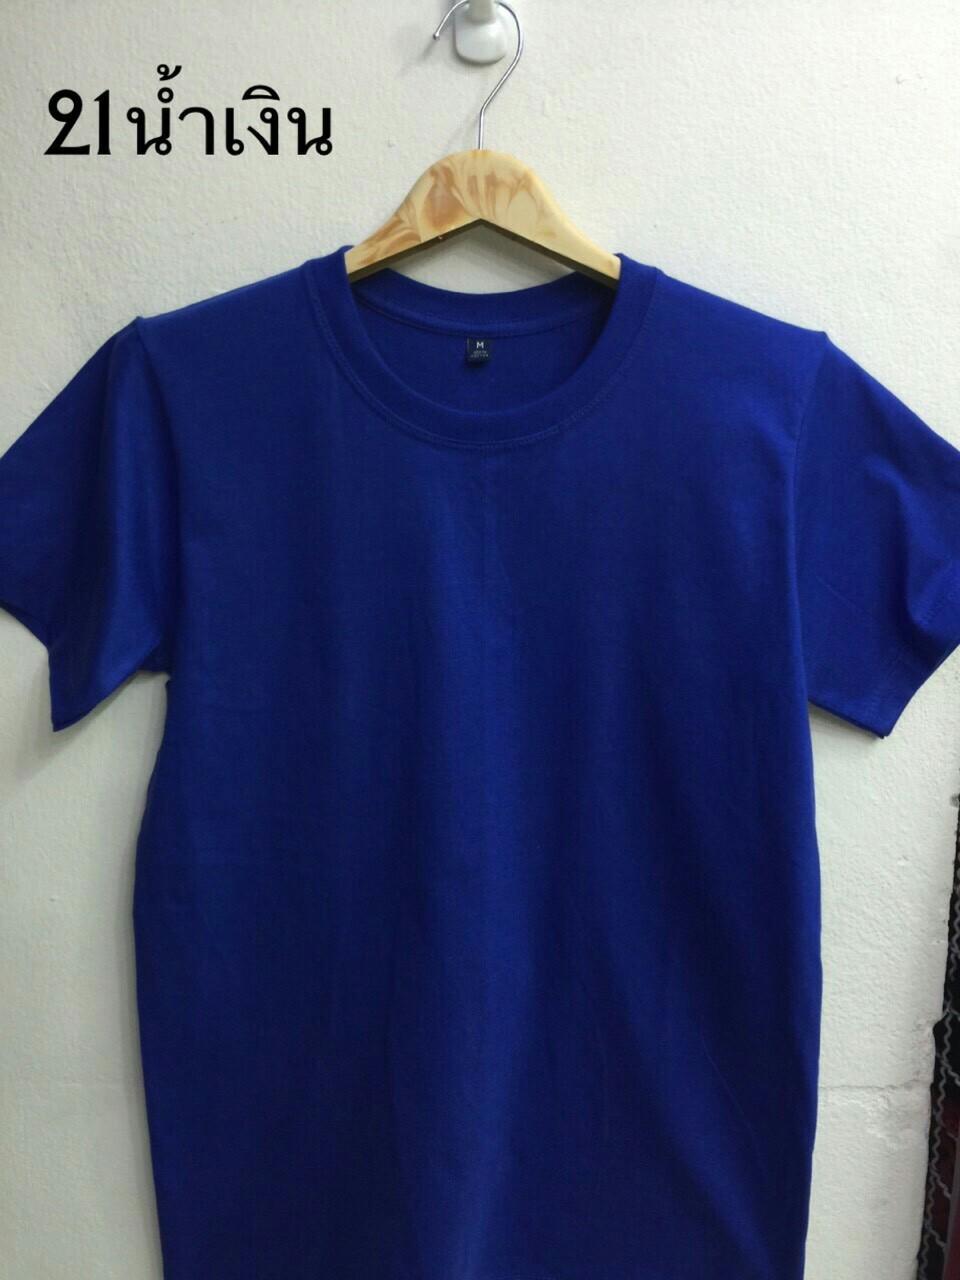 เสื้อ Cotton สีน้ำเงิน ไซส์ S,M,L